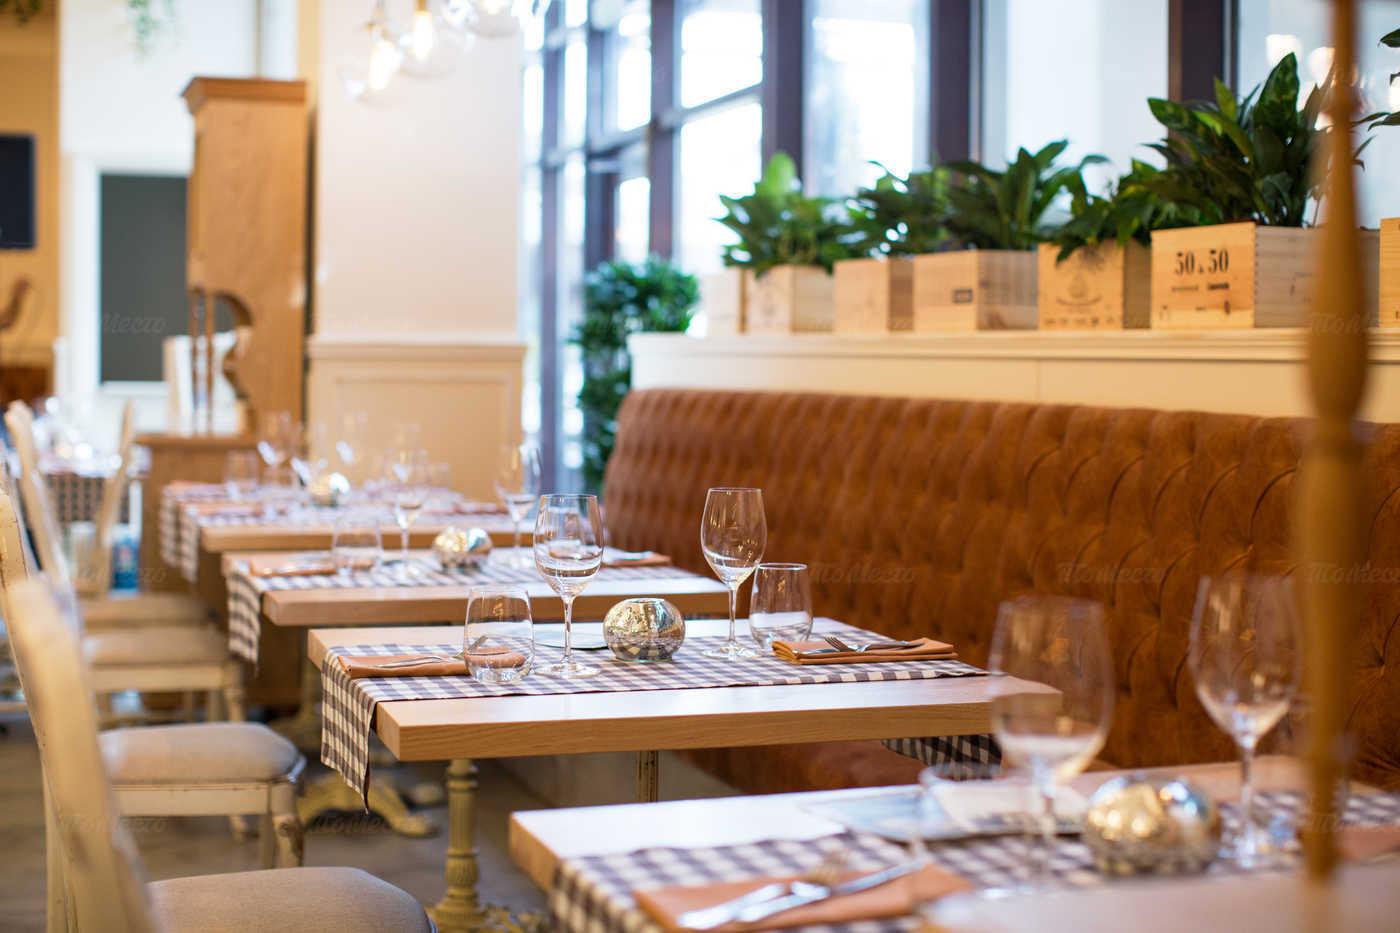 Ресторан Итальянец на Самотечной улице фото 6